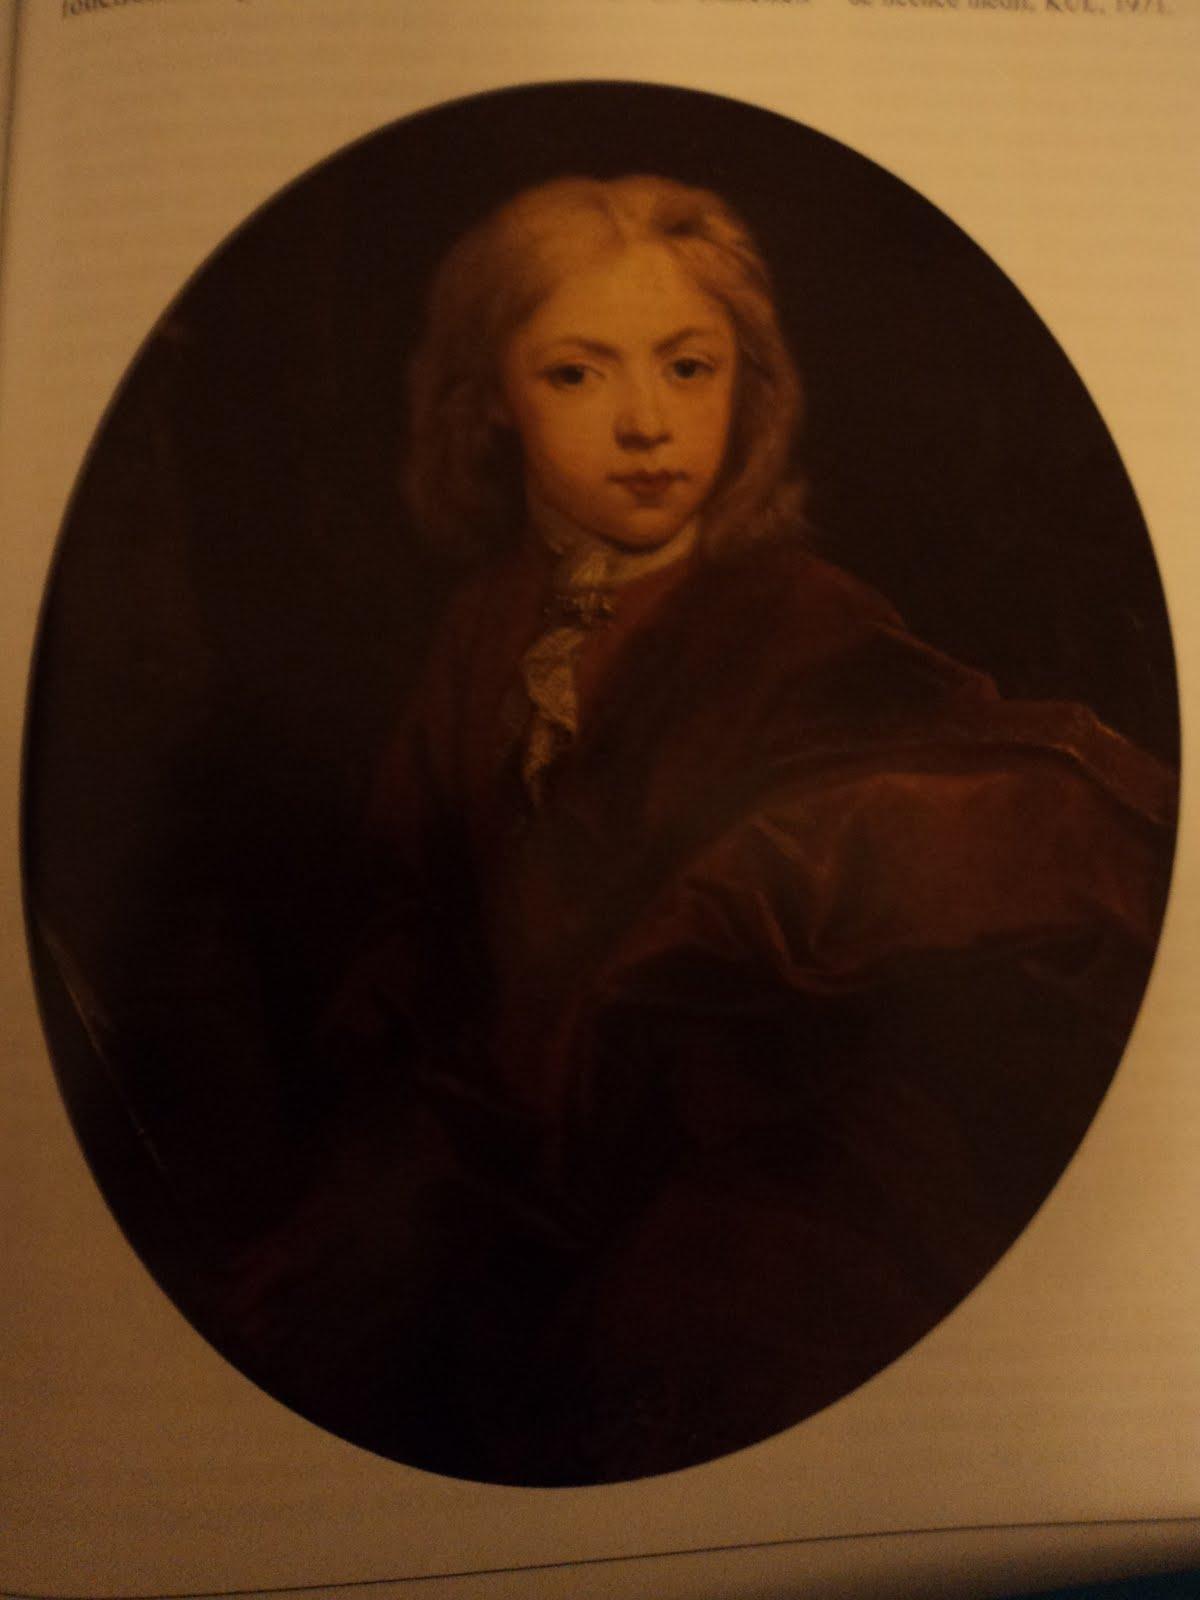 ... II se sitúa junto al cuadro de su hermano, el príncipe Felipe